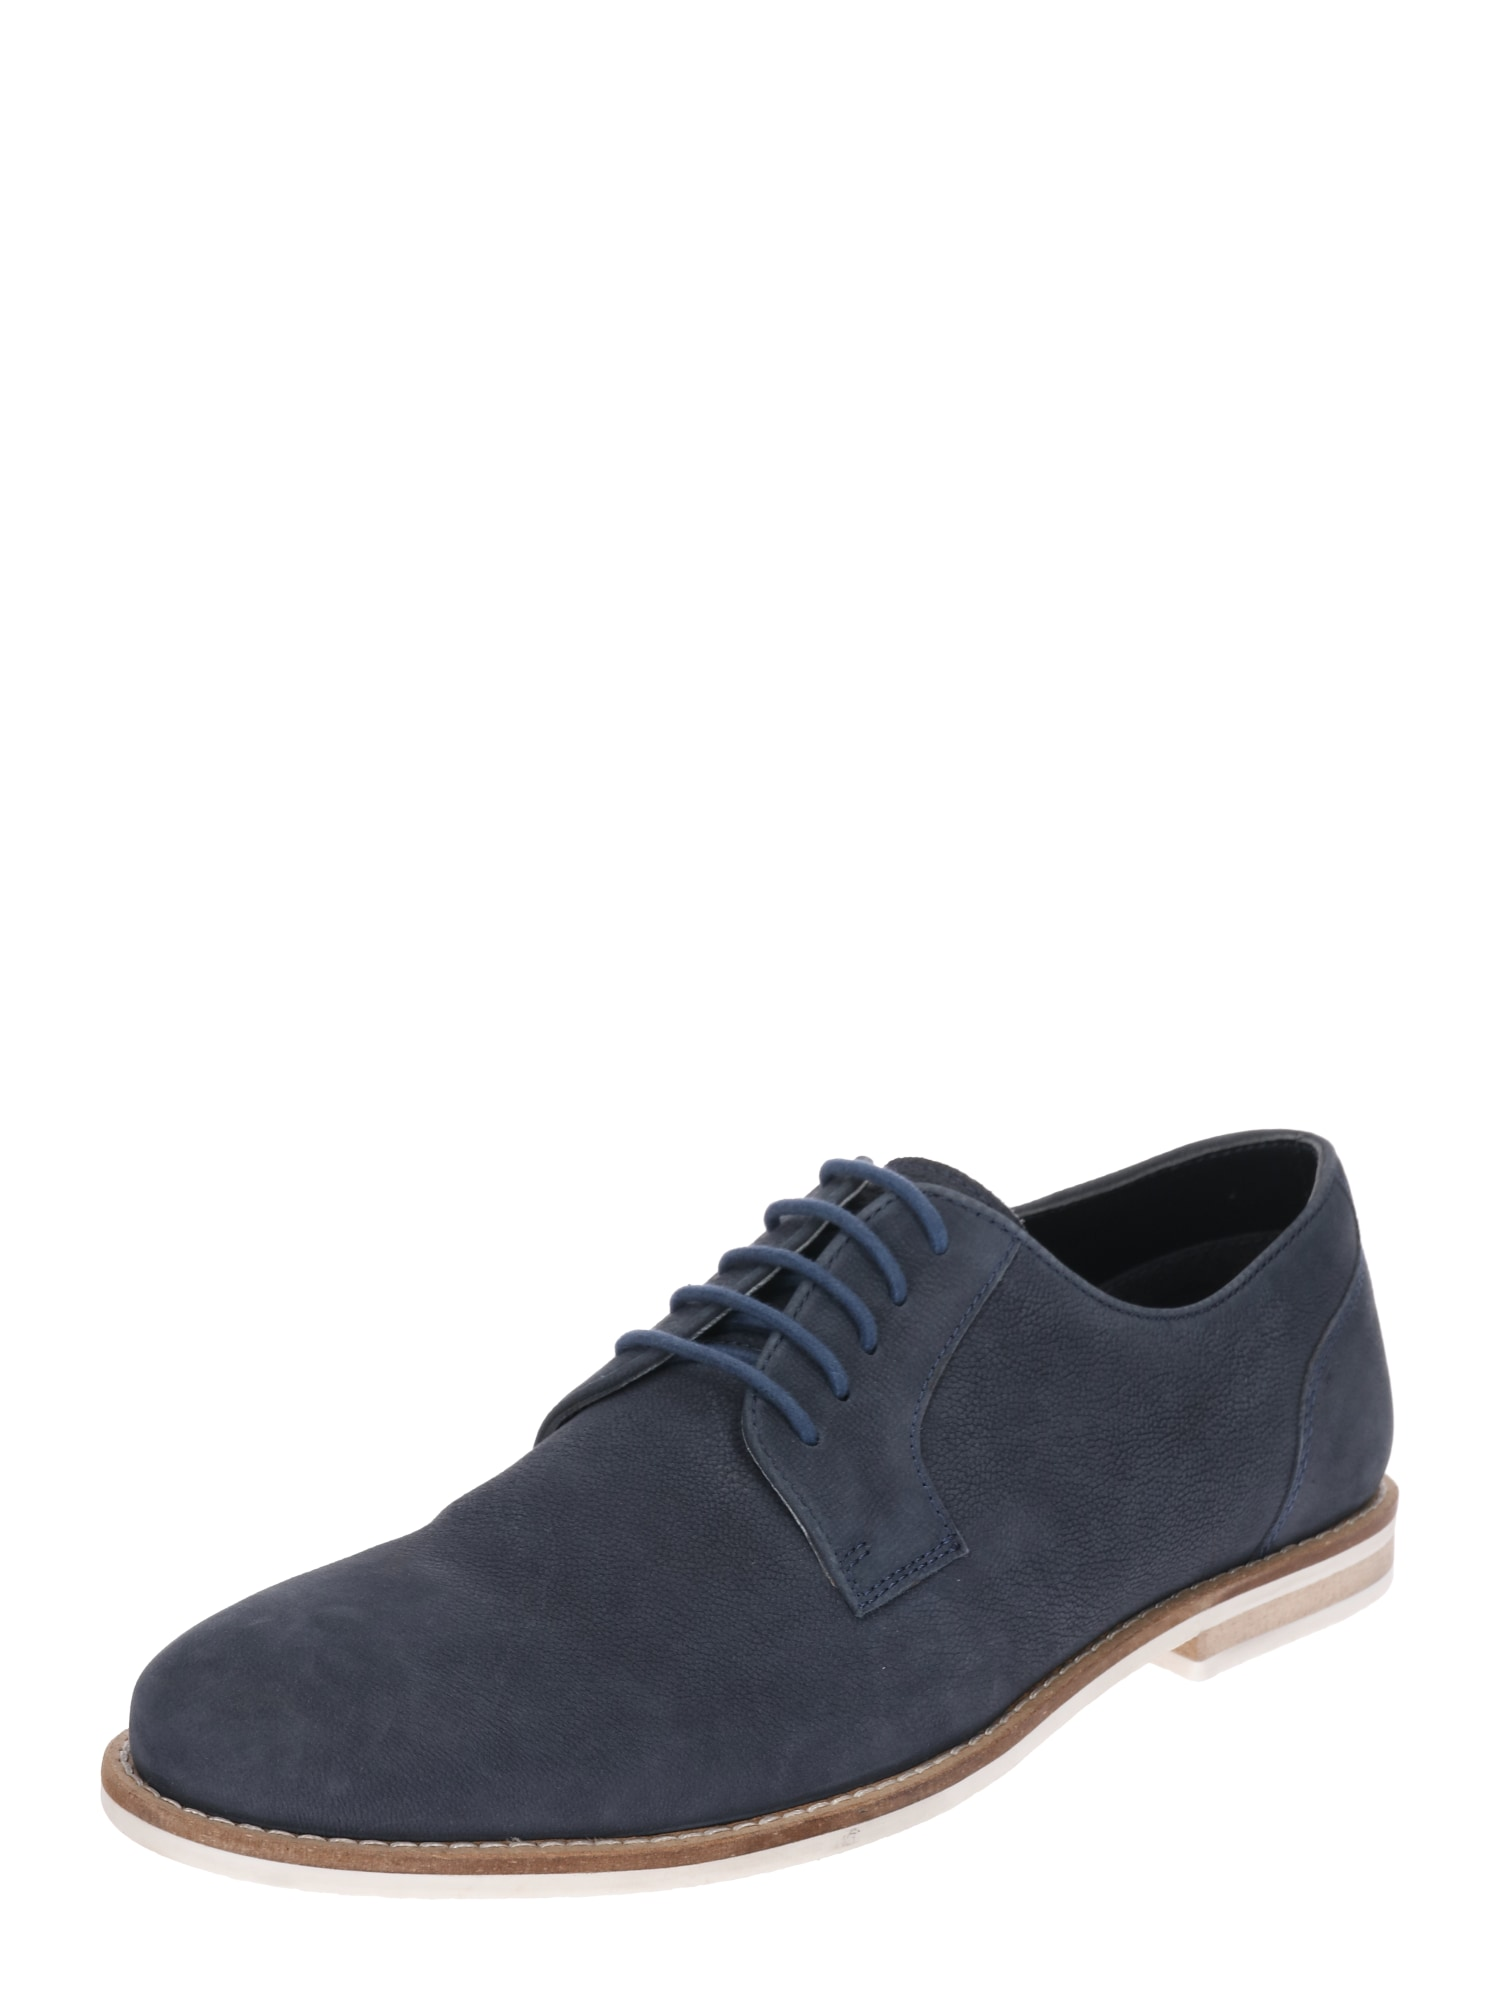 Šněrovací boty Jasper modrá ABOUT YOU